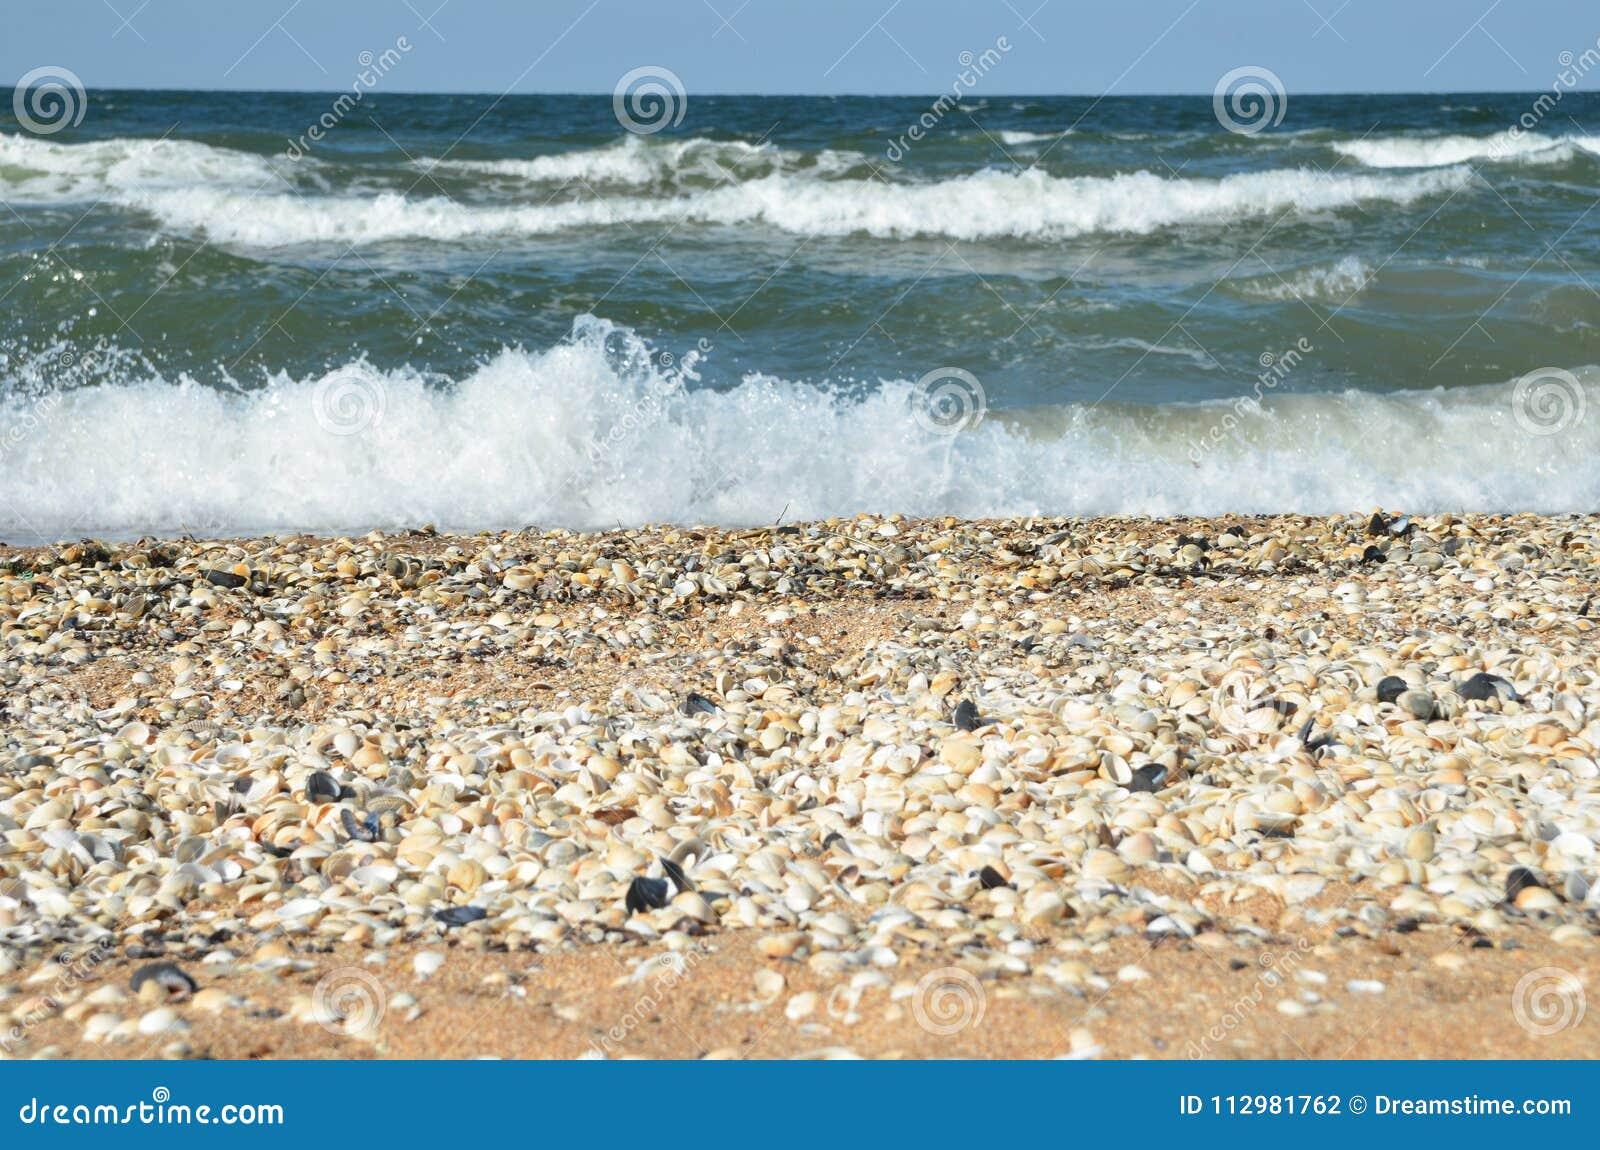 Sea of Azov in Crimea